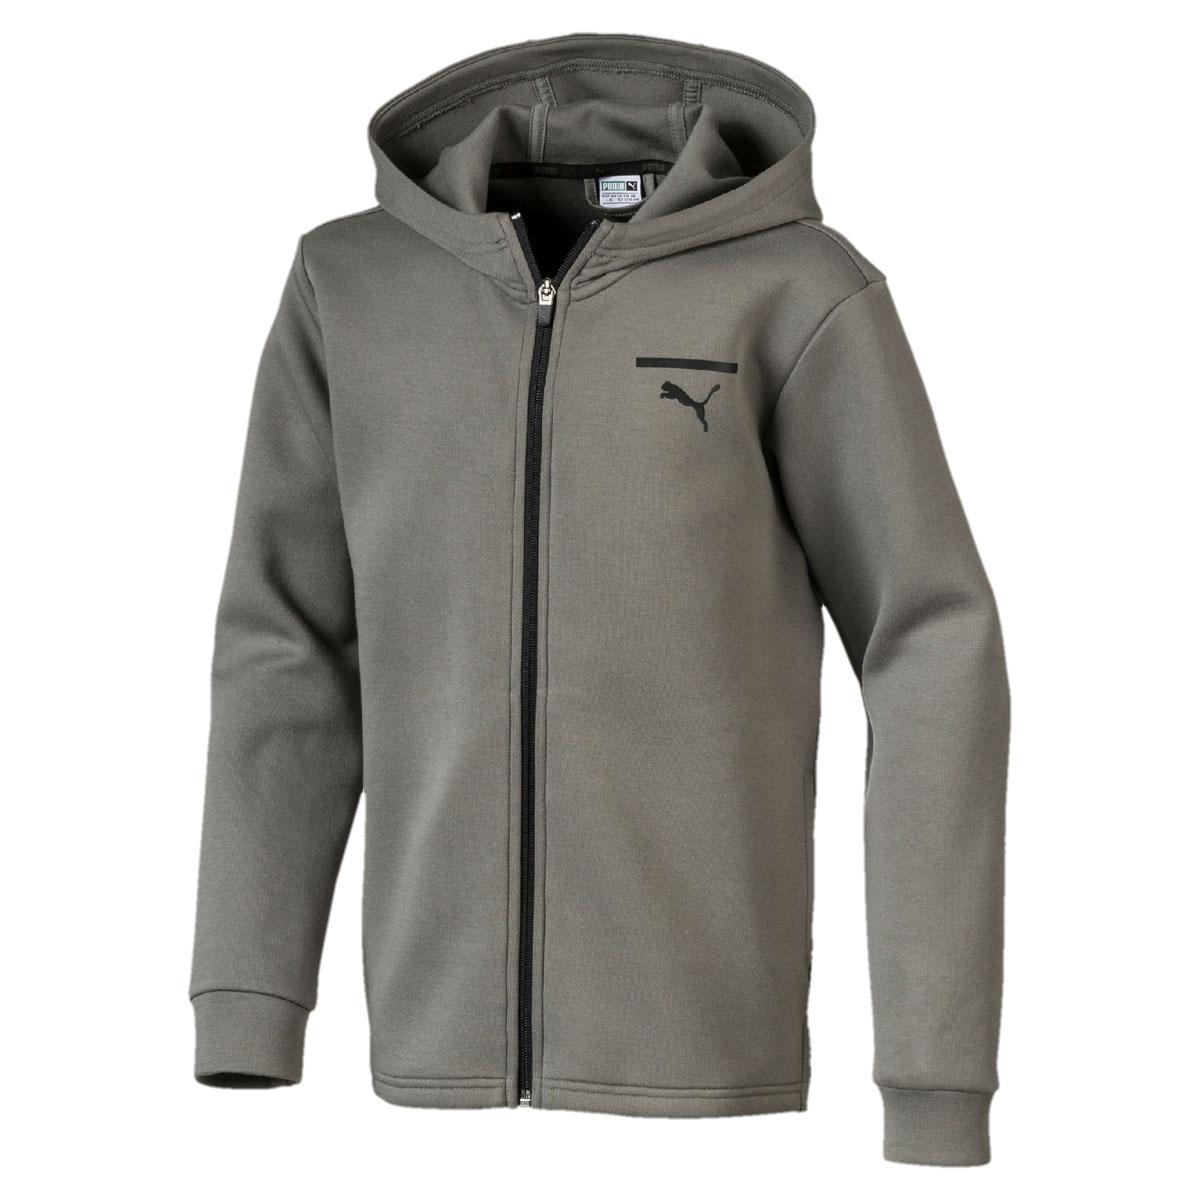 Толстовка для мальчика Puma Pace FZ Hoody, цвет: серый. 850247397. Размер 164 майка print bar the bear